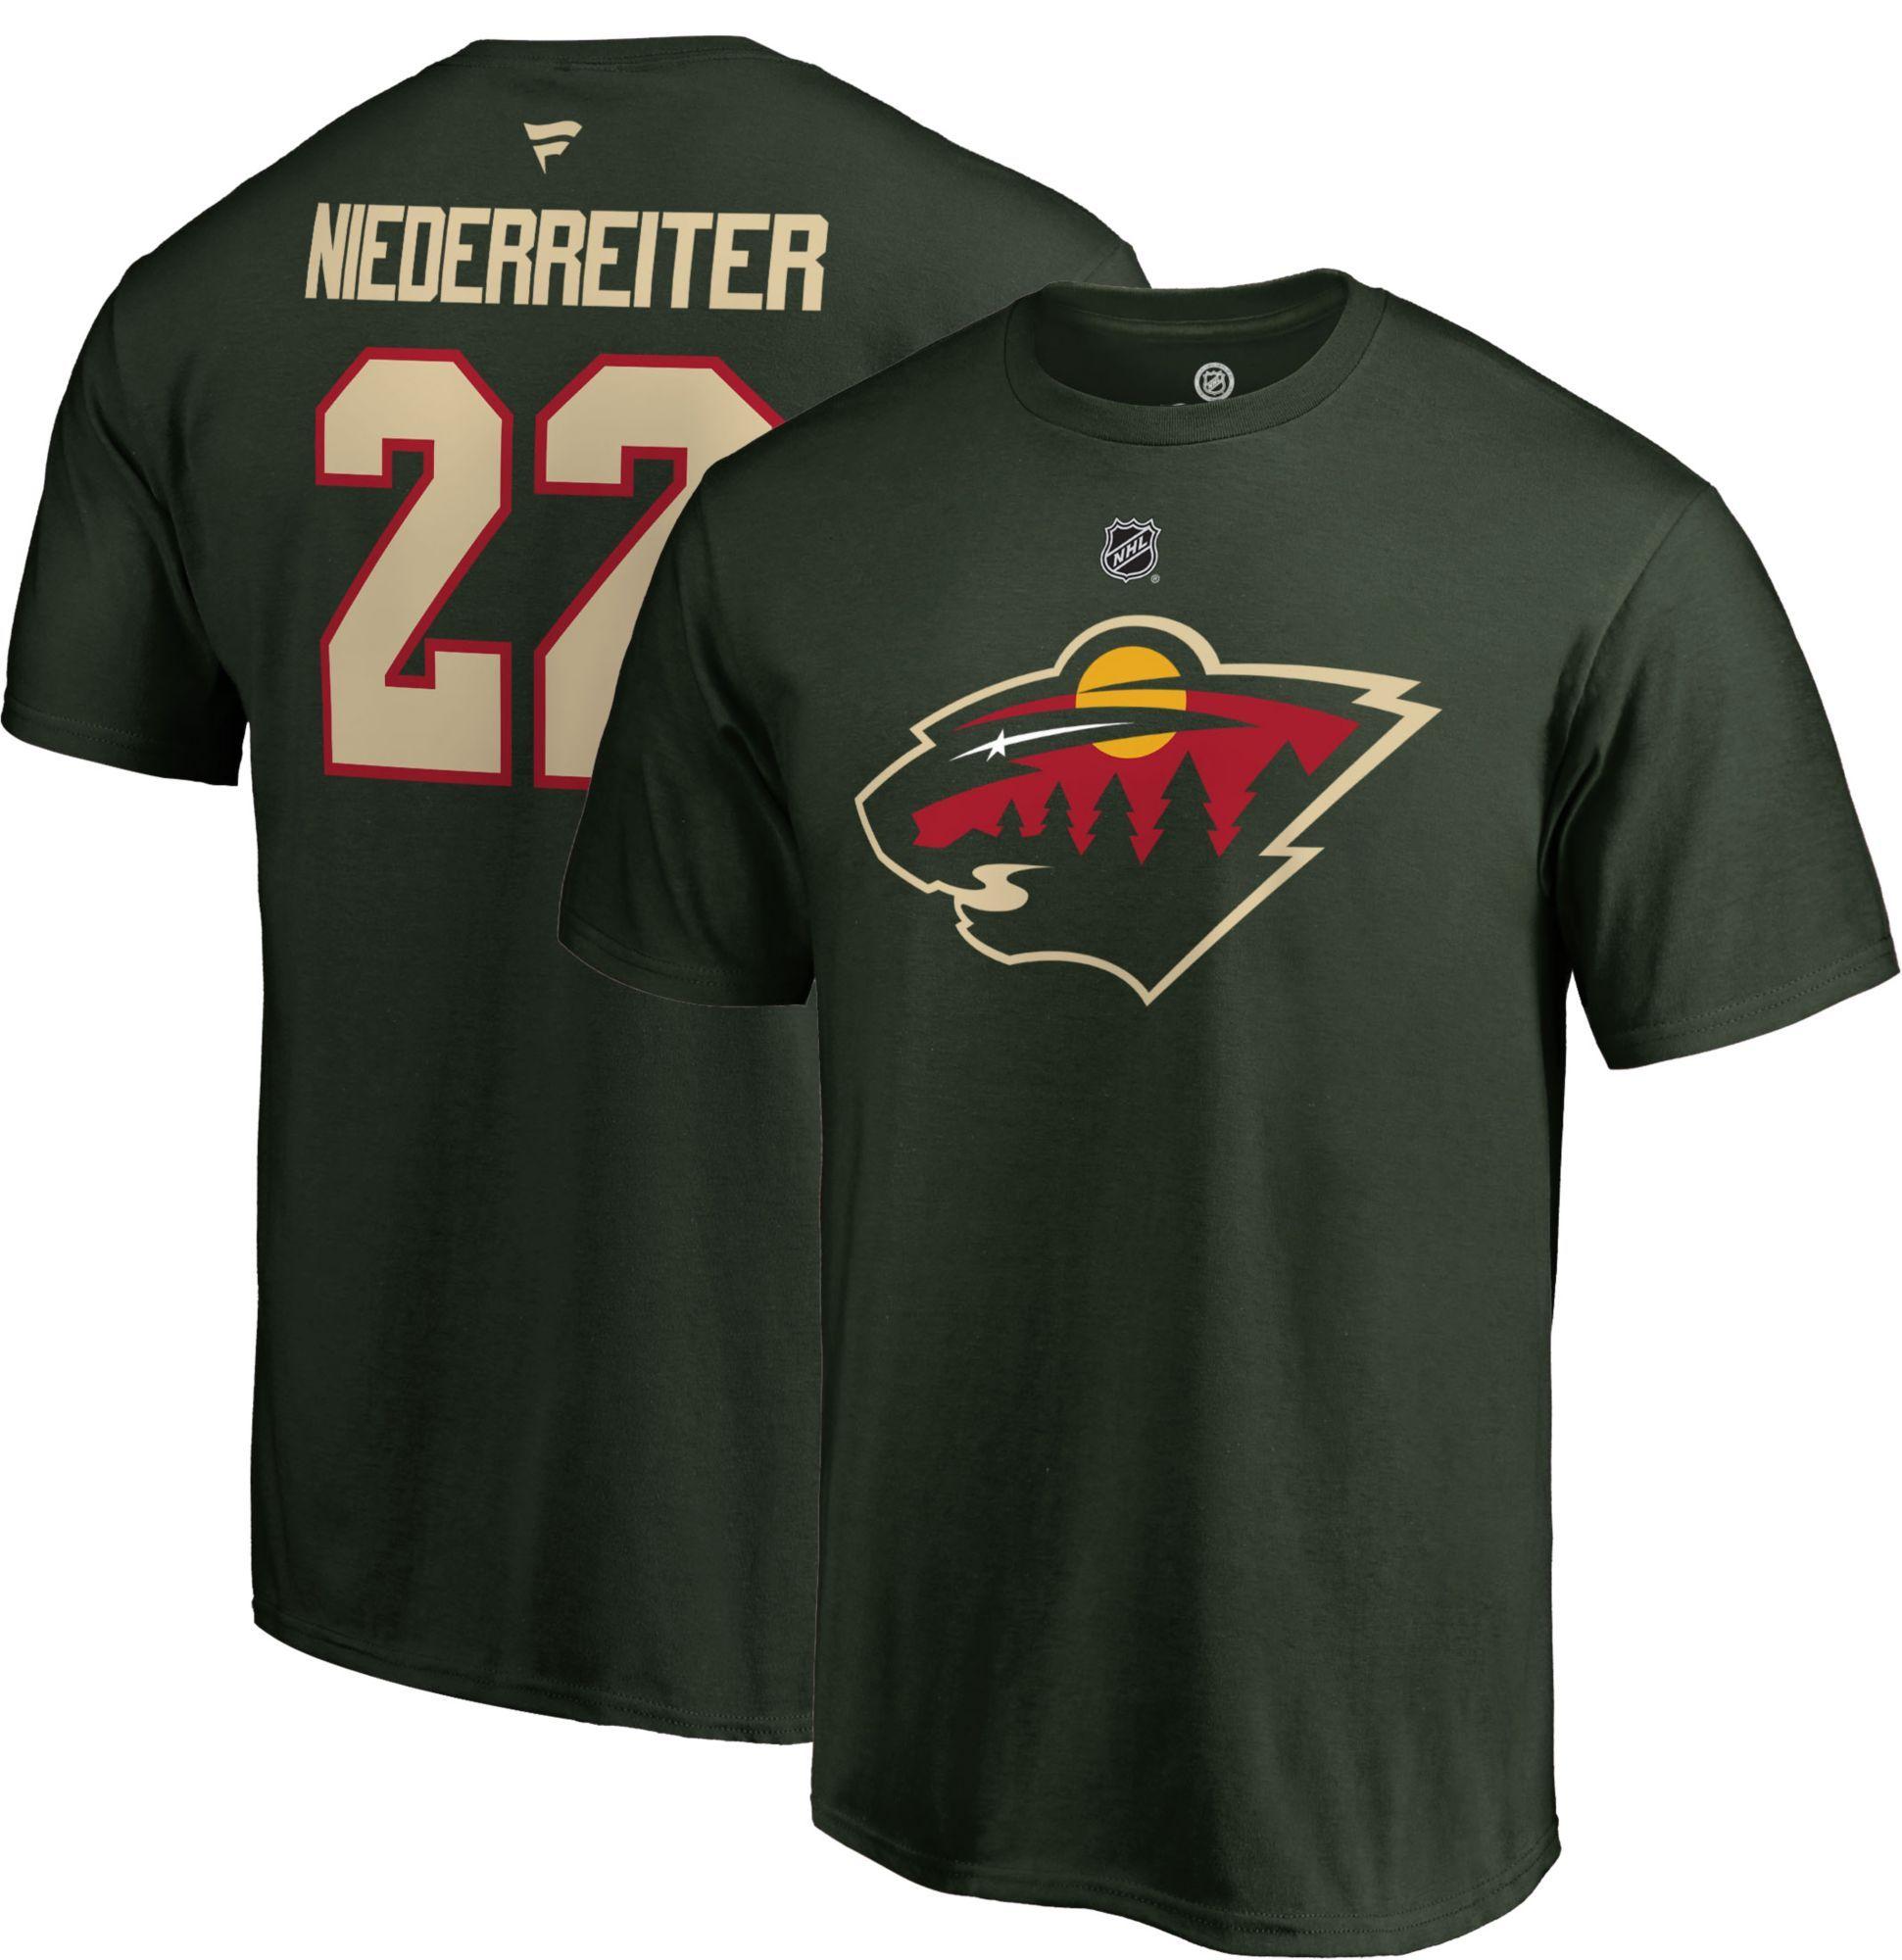 sale retailer 125da 8cf50 NHL Men's Minnesota Wild Nino Niederreiter #22 Green Player ...